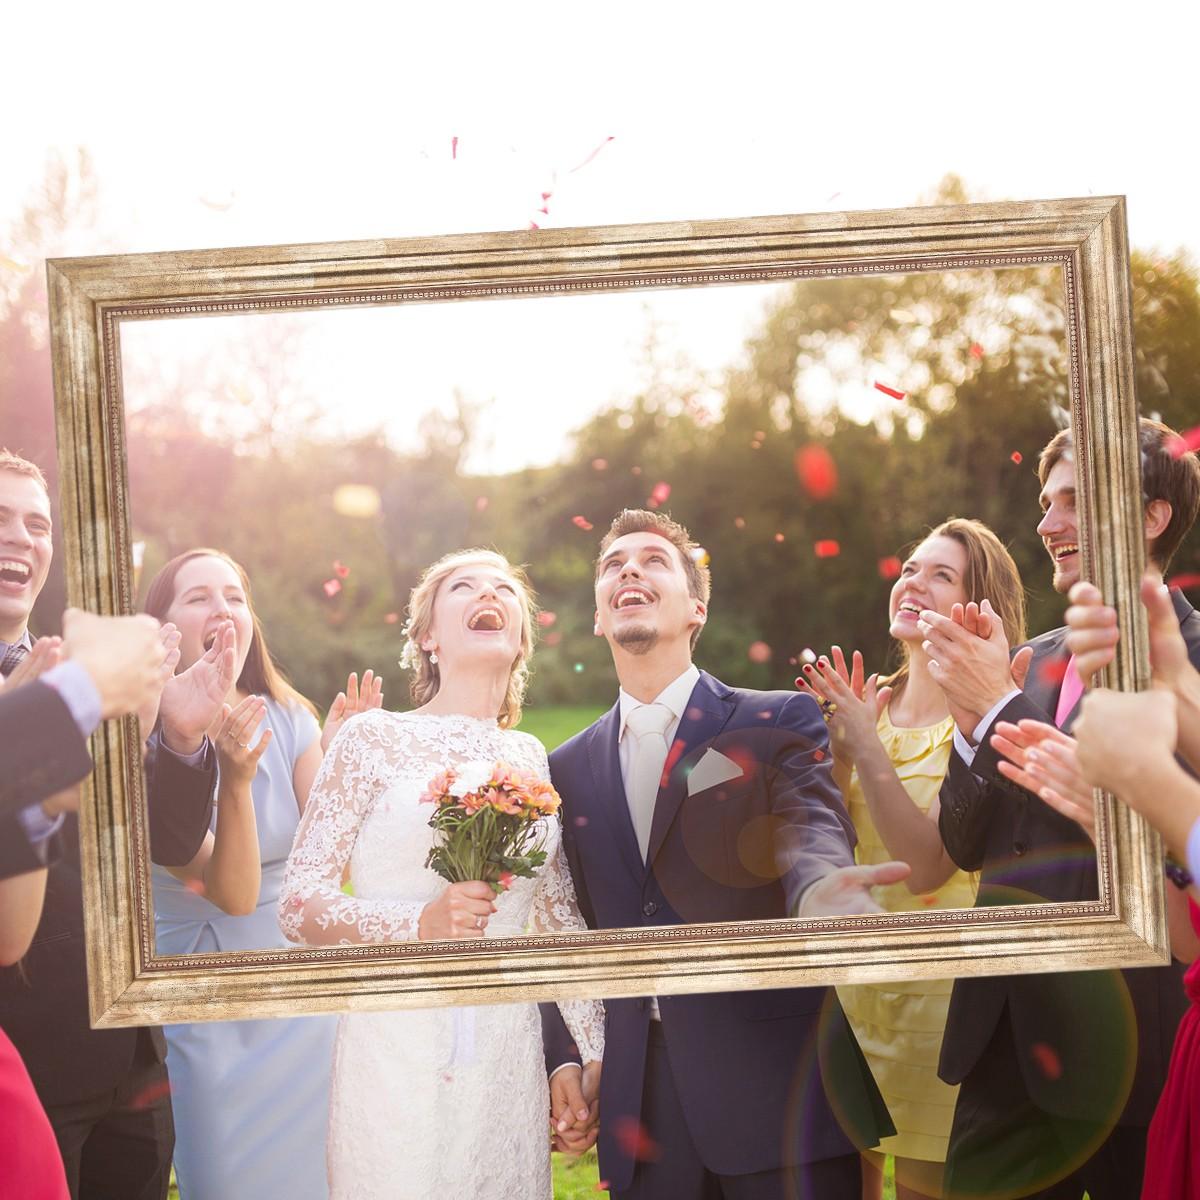 Hochzeits-Bilderrahmen Geschenke Hochzeitsgeschenke